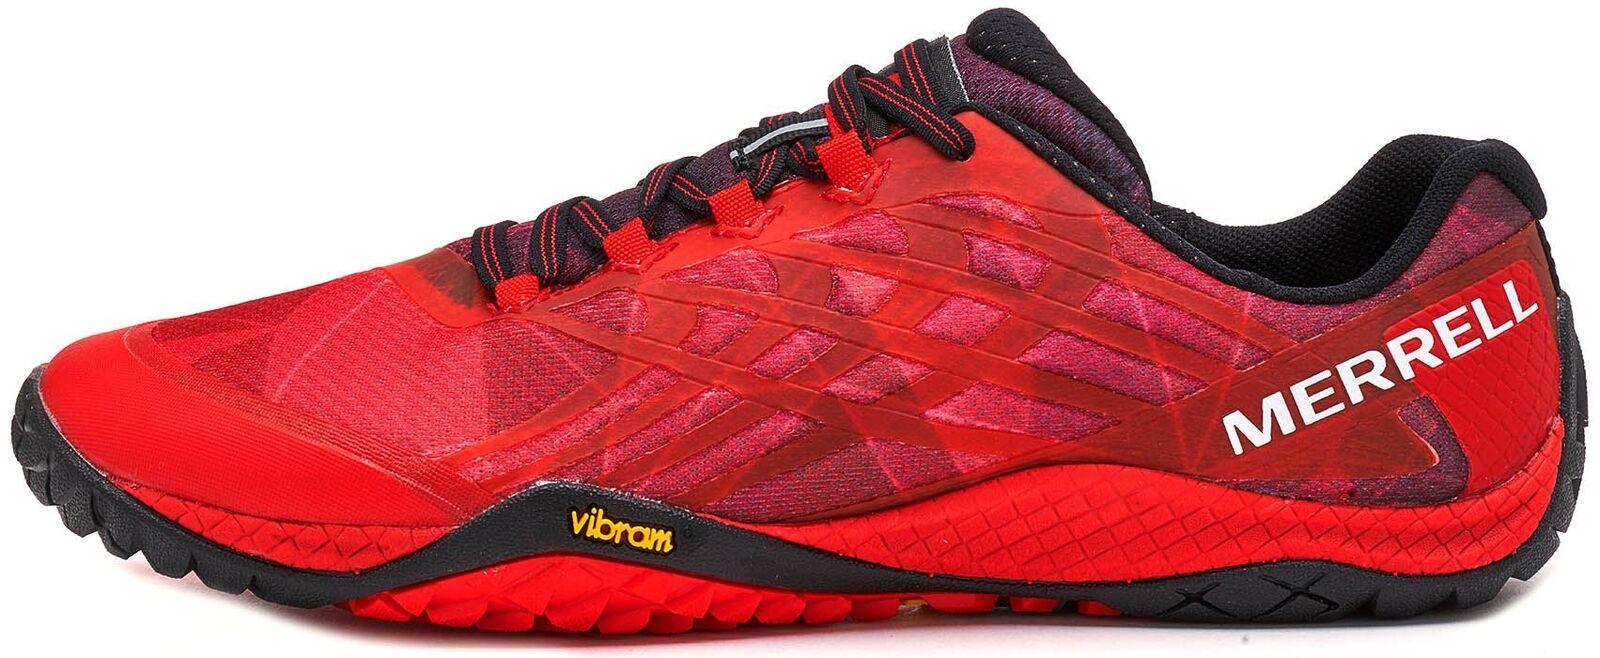 Merrell Trail Glove Glove Glove 4 Scarpe da ginnastica in lava FUSA Rosso J09667 a359b9